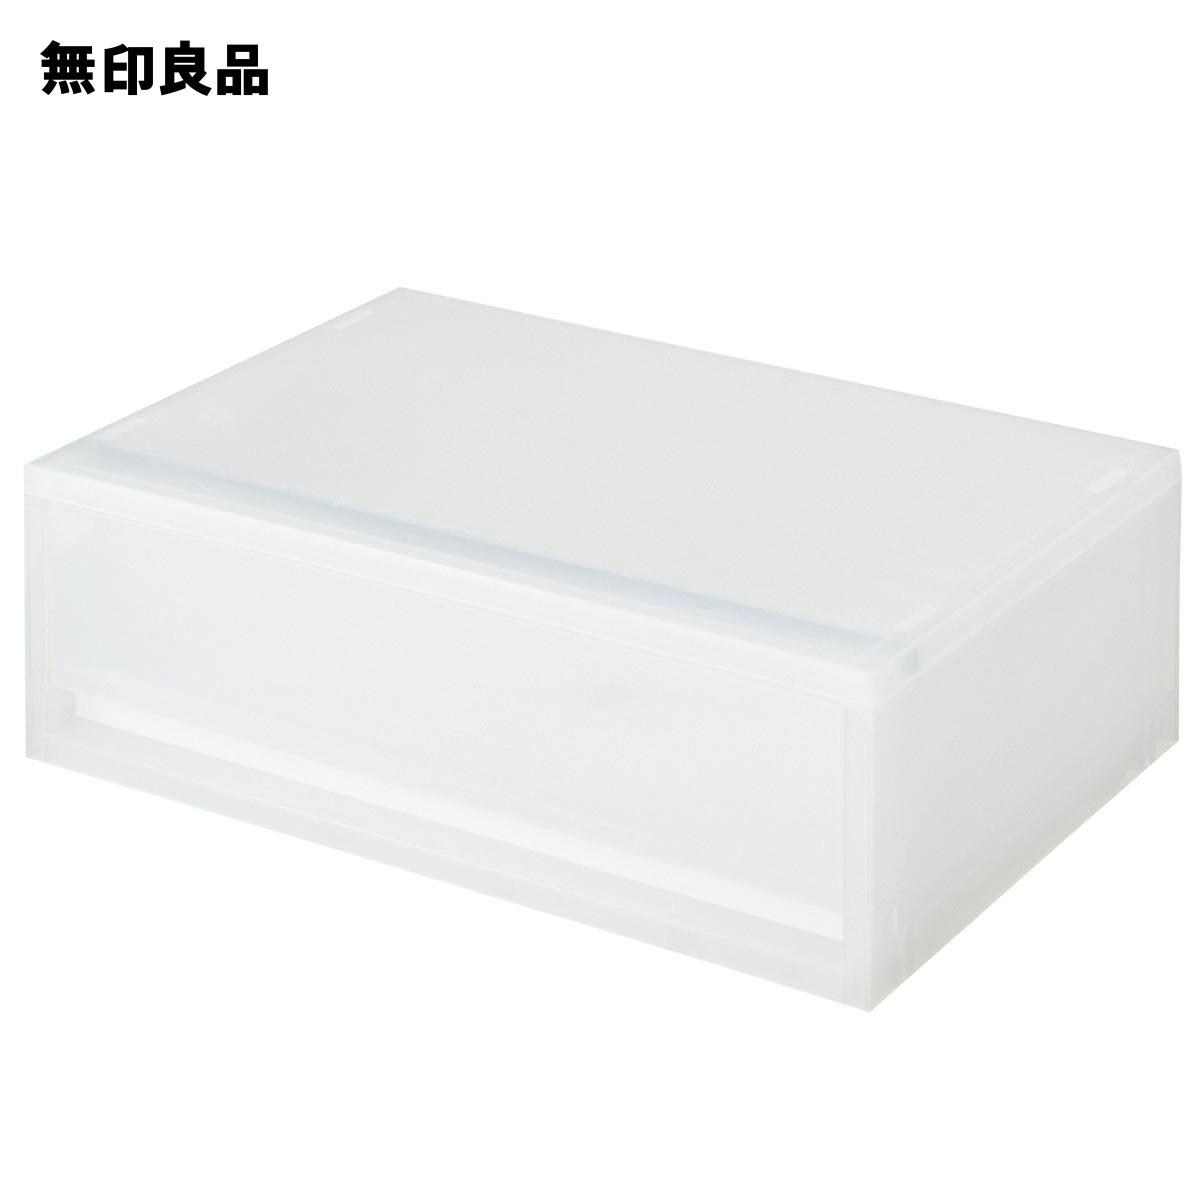 【無印良品 公式】ポリプロピレンケース引出式・横ワイド・浅型 幅37×奥行26×高さ12cm